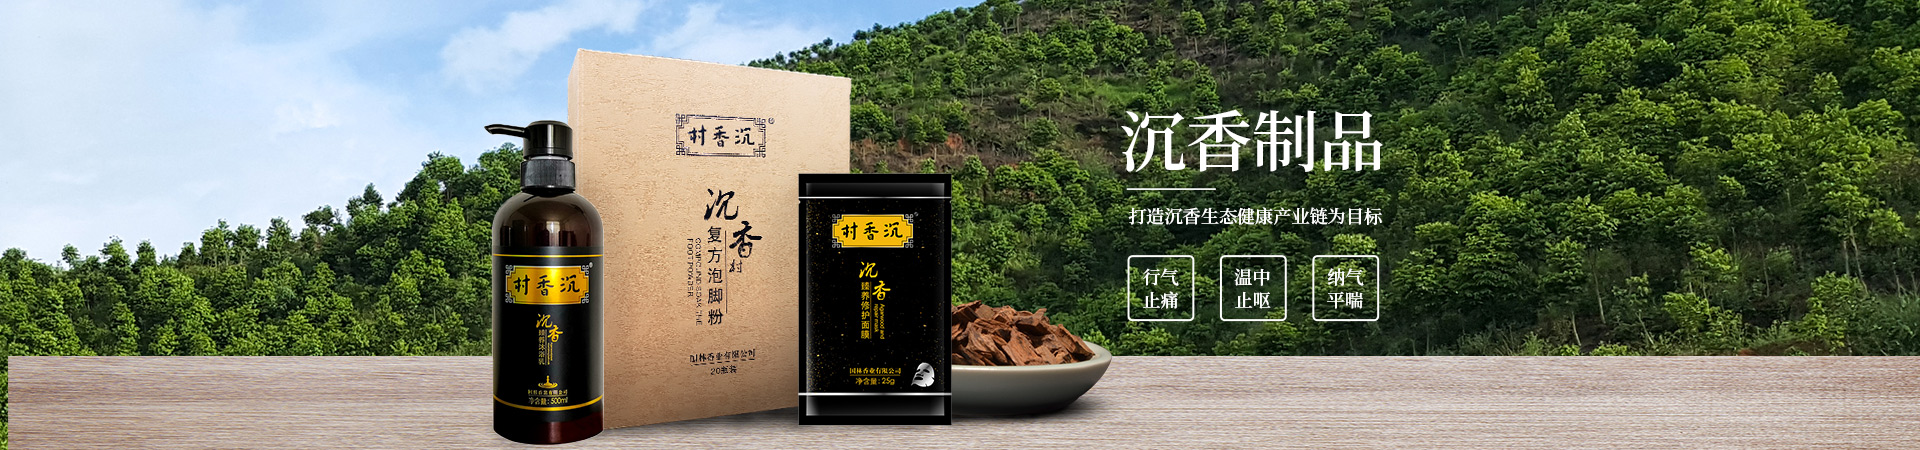 http://www.chenxiangcun.com/data/upload/202007/20200716172441_284.jpg